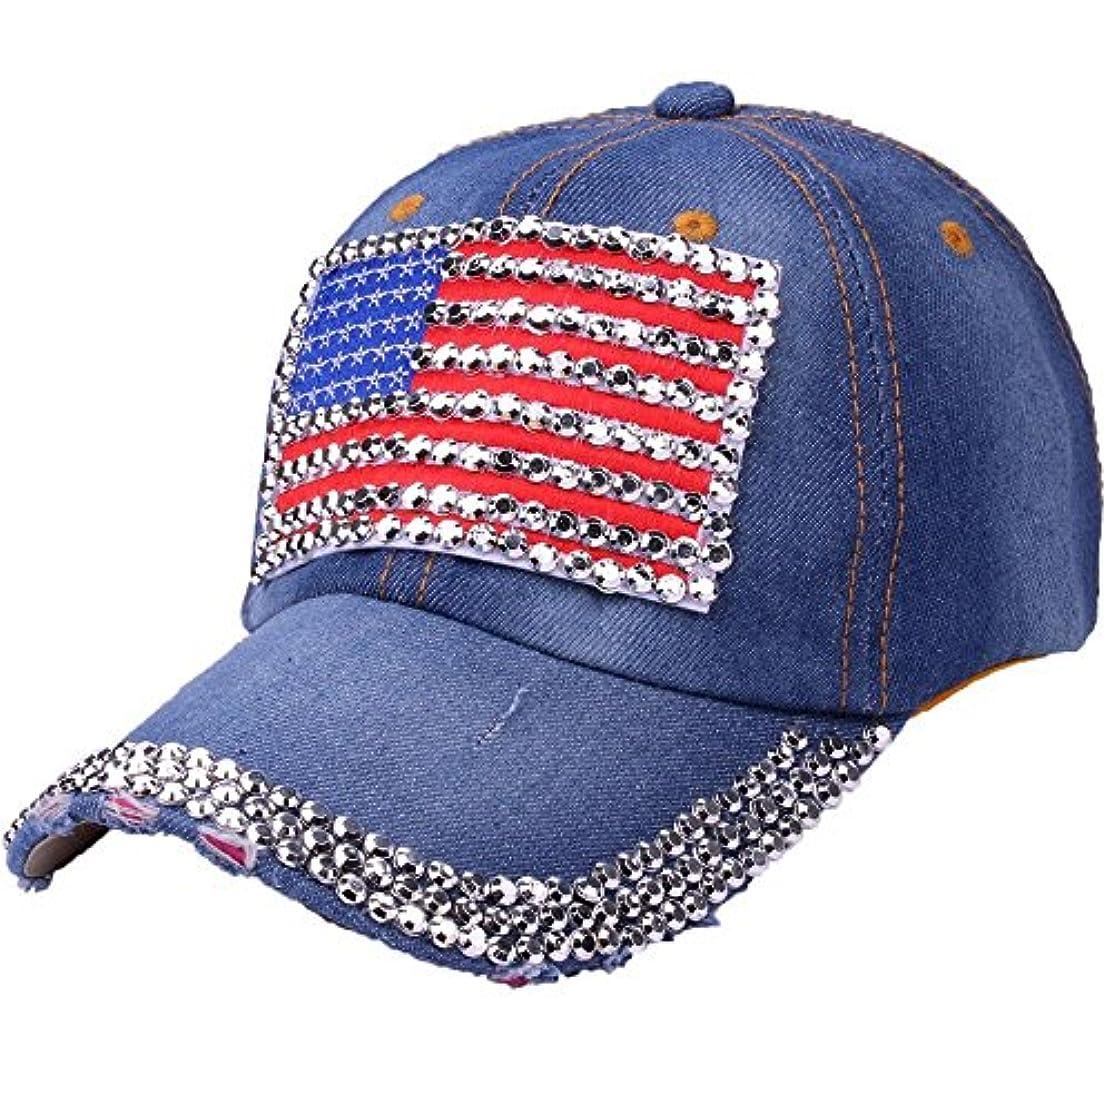 ペパーミント無許可独立Racazing Cap カウボーイ 野球帽 ヒップホップ 通気性のある ラインストーン 帽子 夏 登山 アメリカの旗 可調整可能 棒球帽 男女兼用 UV 帽子 軽量 屋外 ジーンズ Unisex Cap (C)